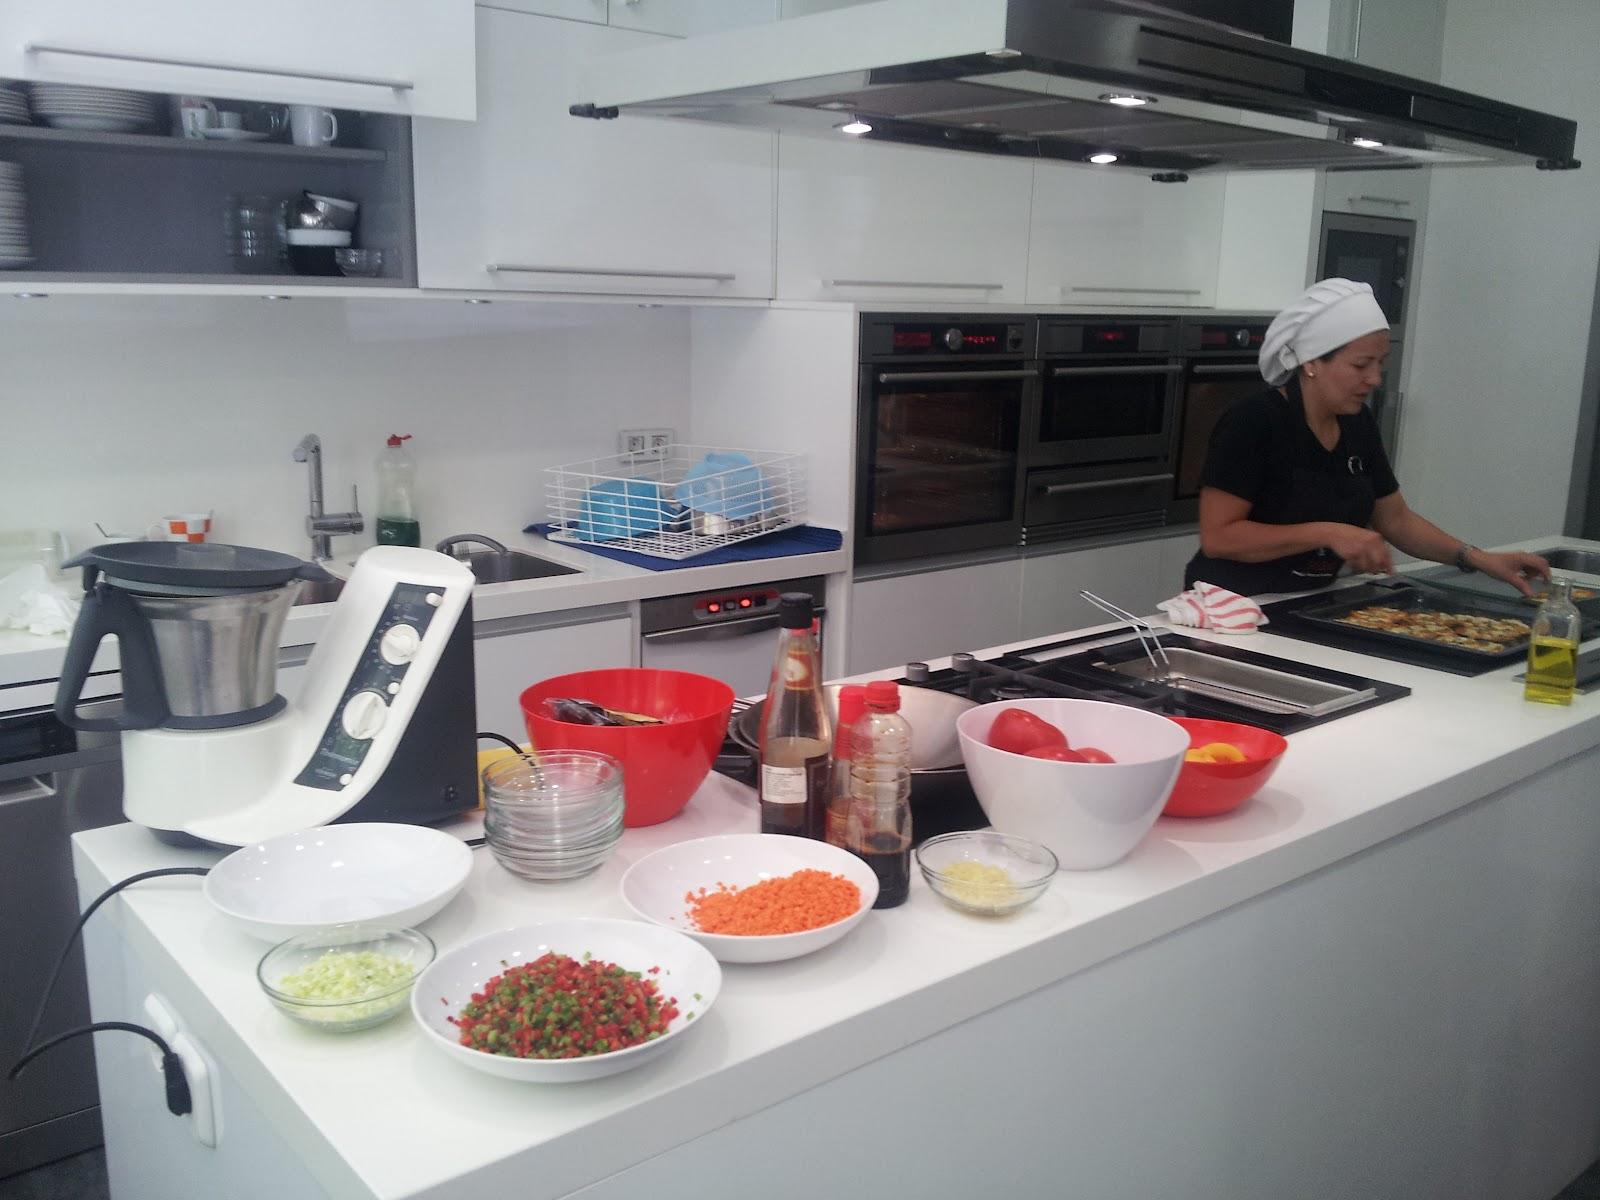 Cooking design art cayena aeg - Cayena escuela de cocina ...